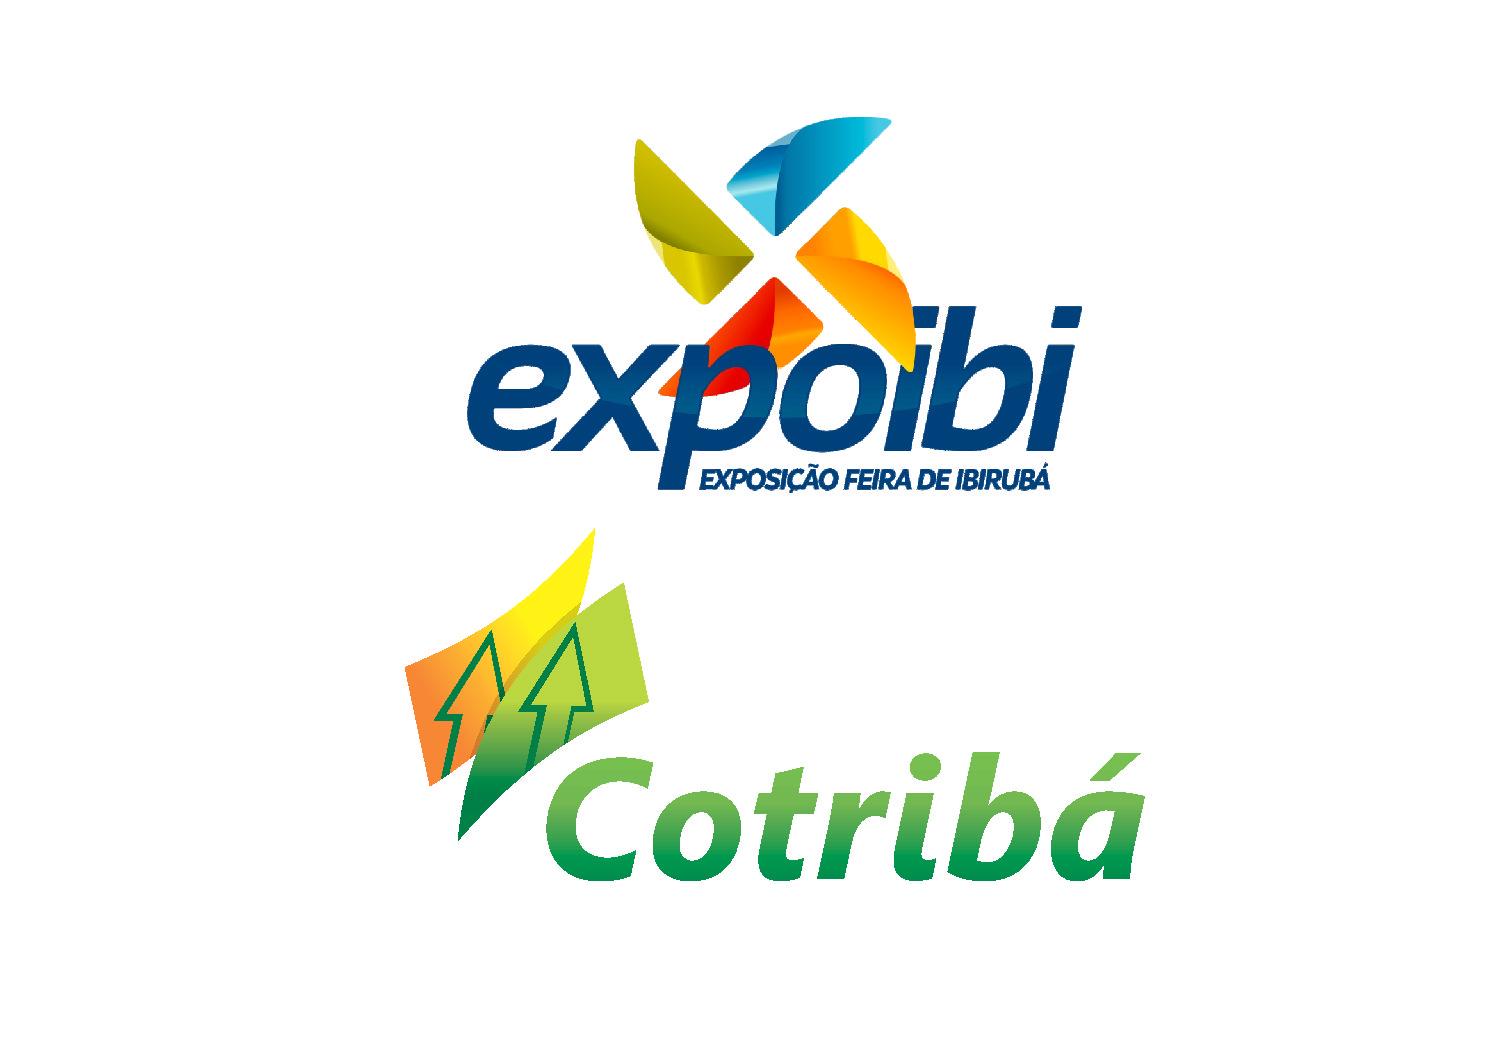 CAMISETA POLO PARA COLABORADORES DA COTRIBÁ QUE TRABALHARAM NA EXPOIBI 2018 EM IBIRUBÁ/RS.